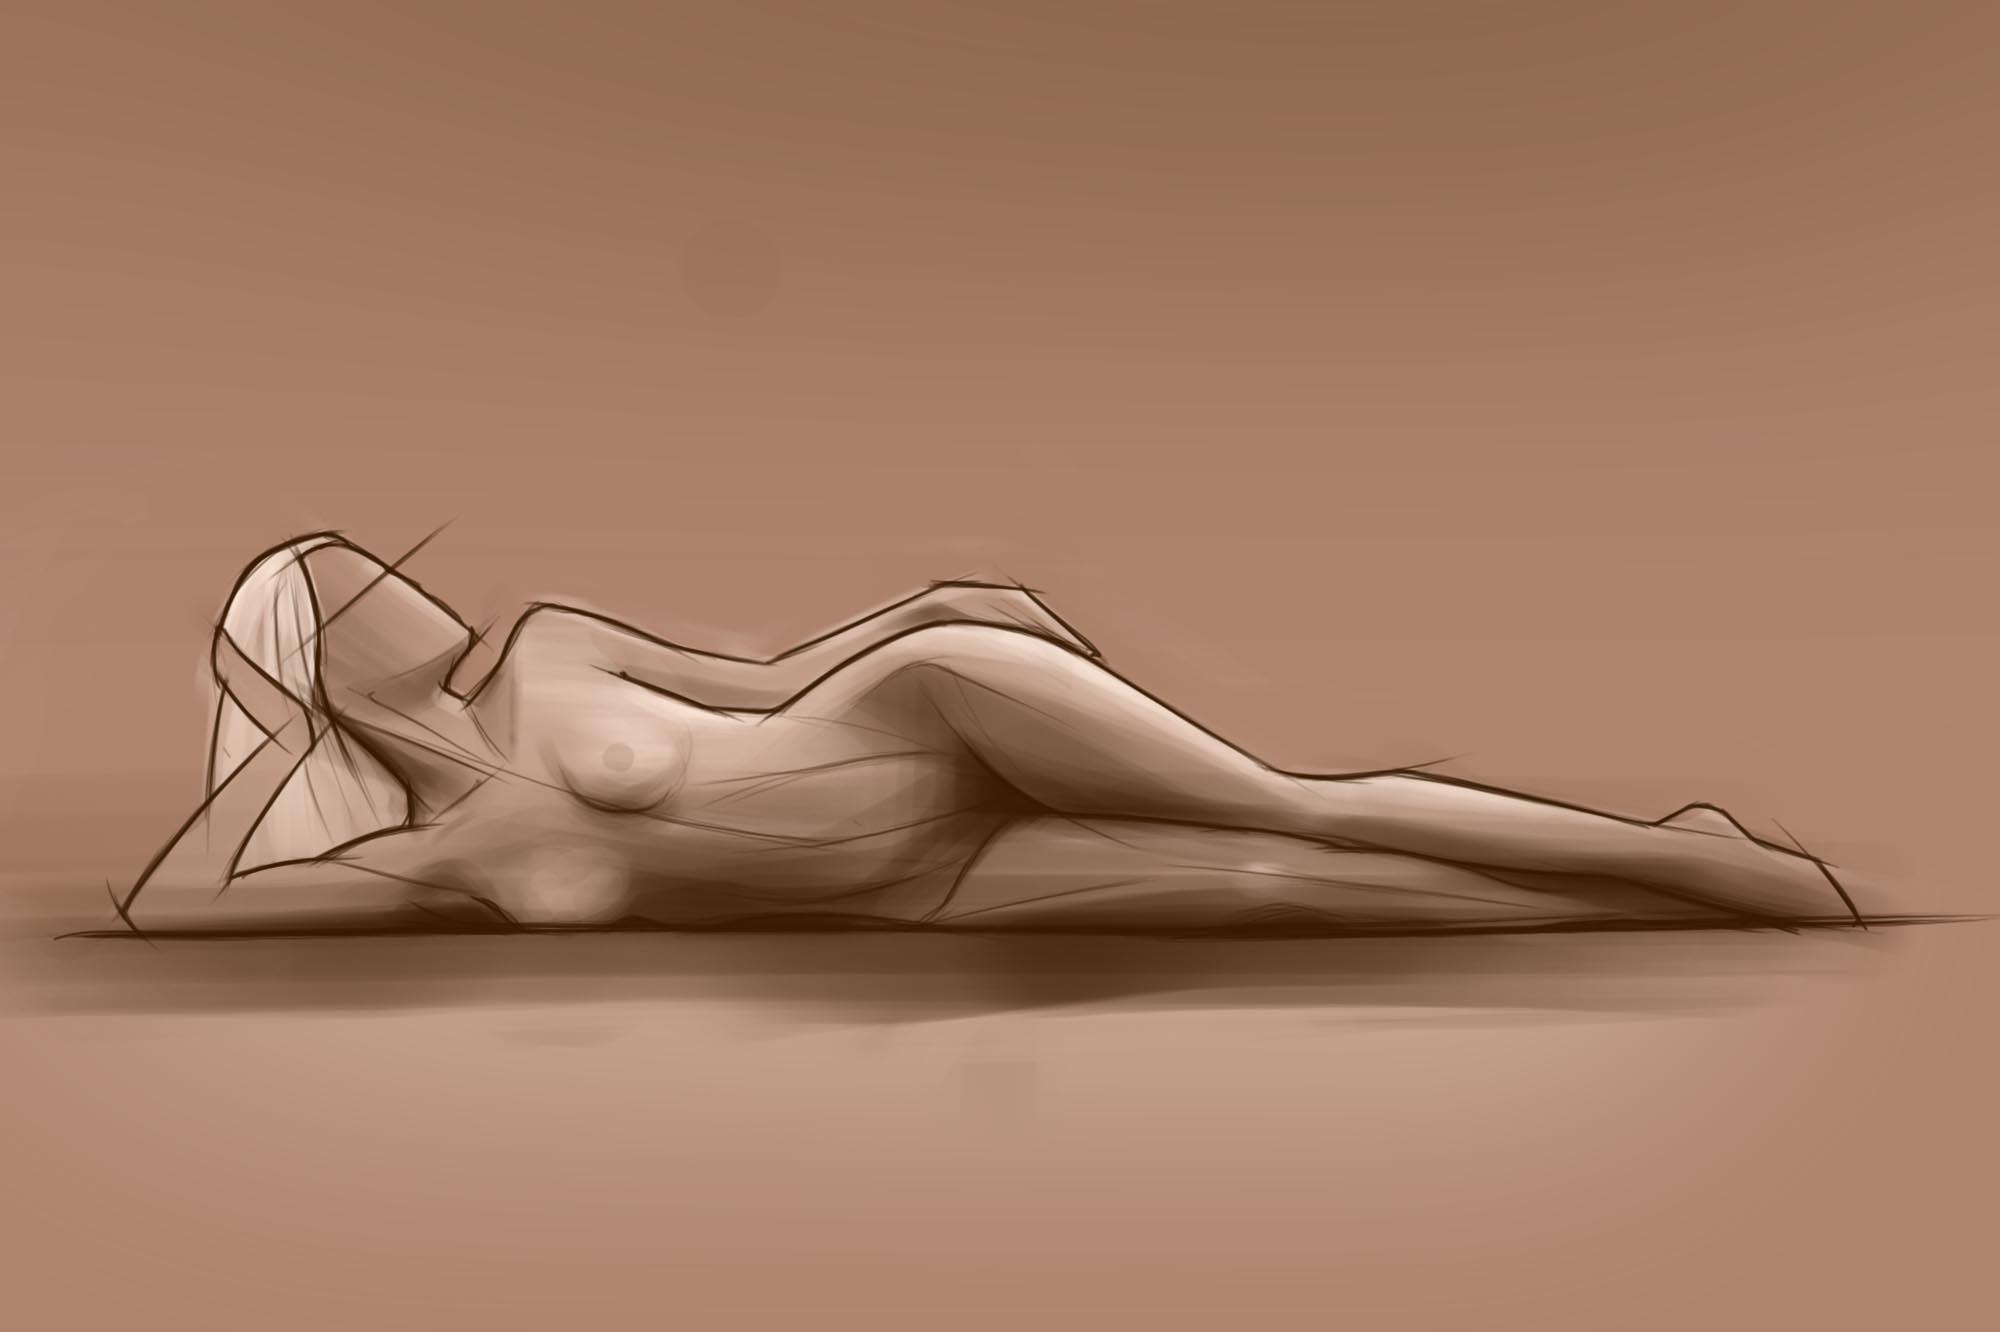 sketch girl on side